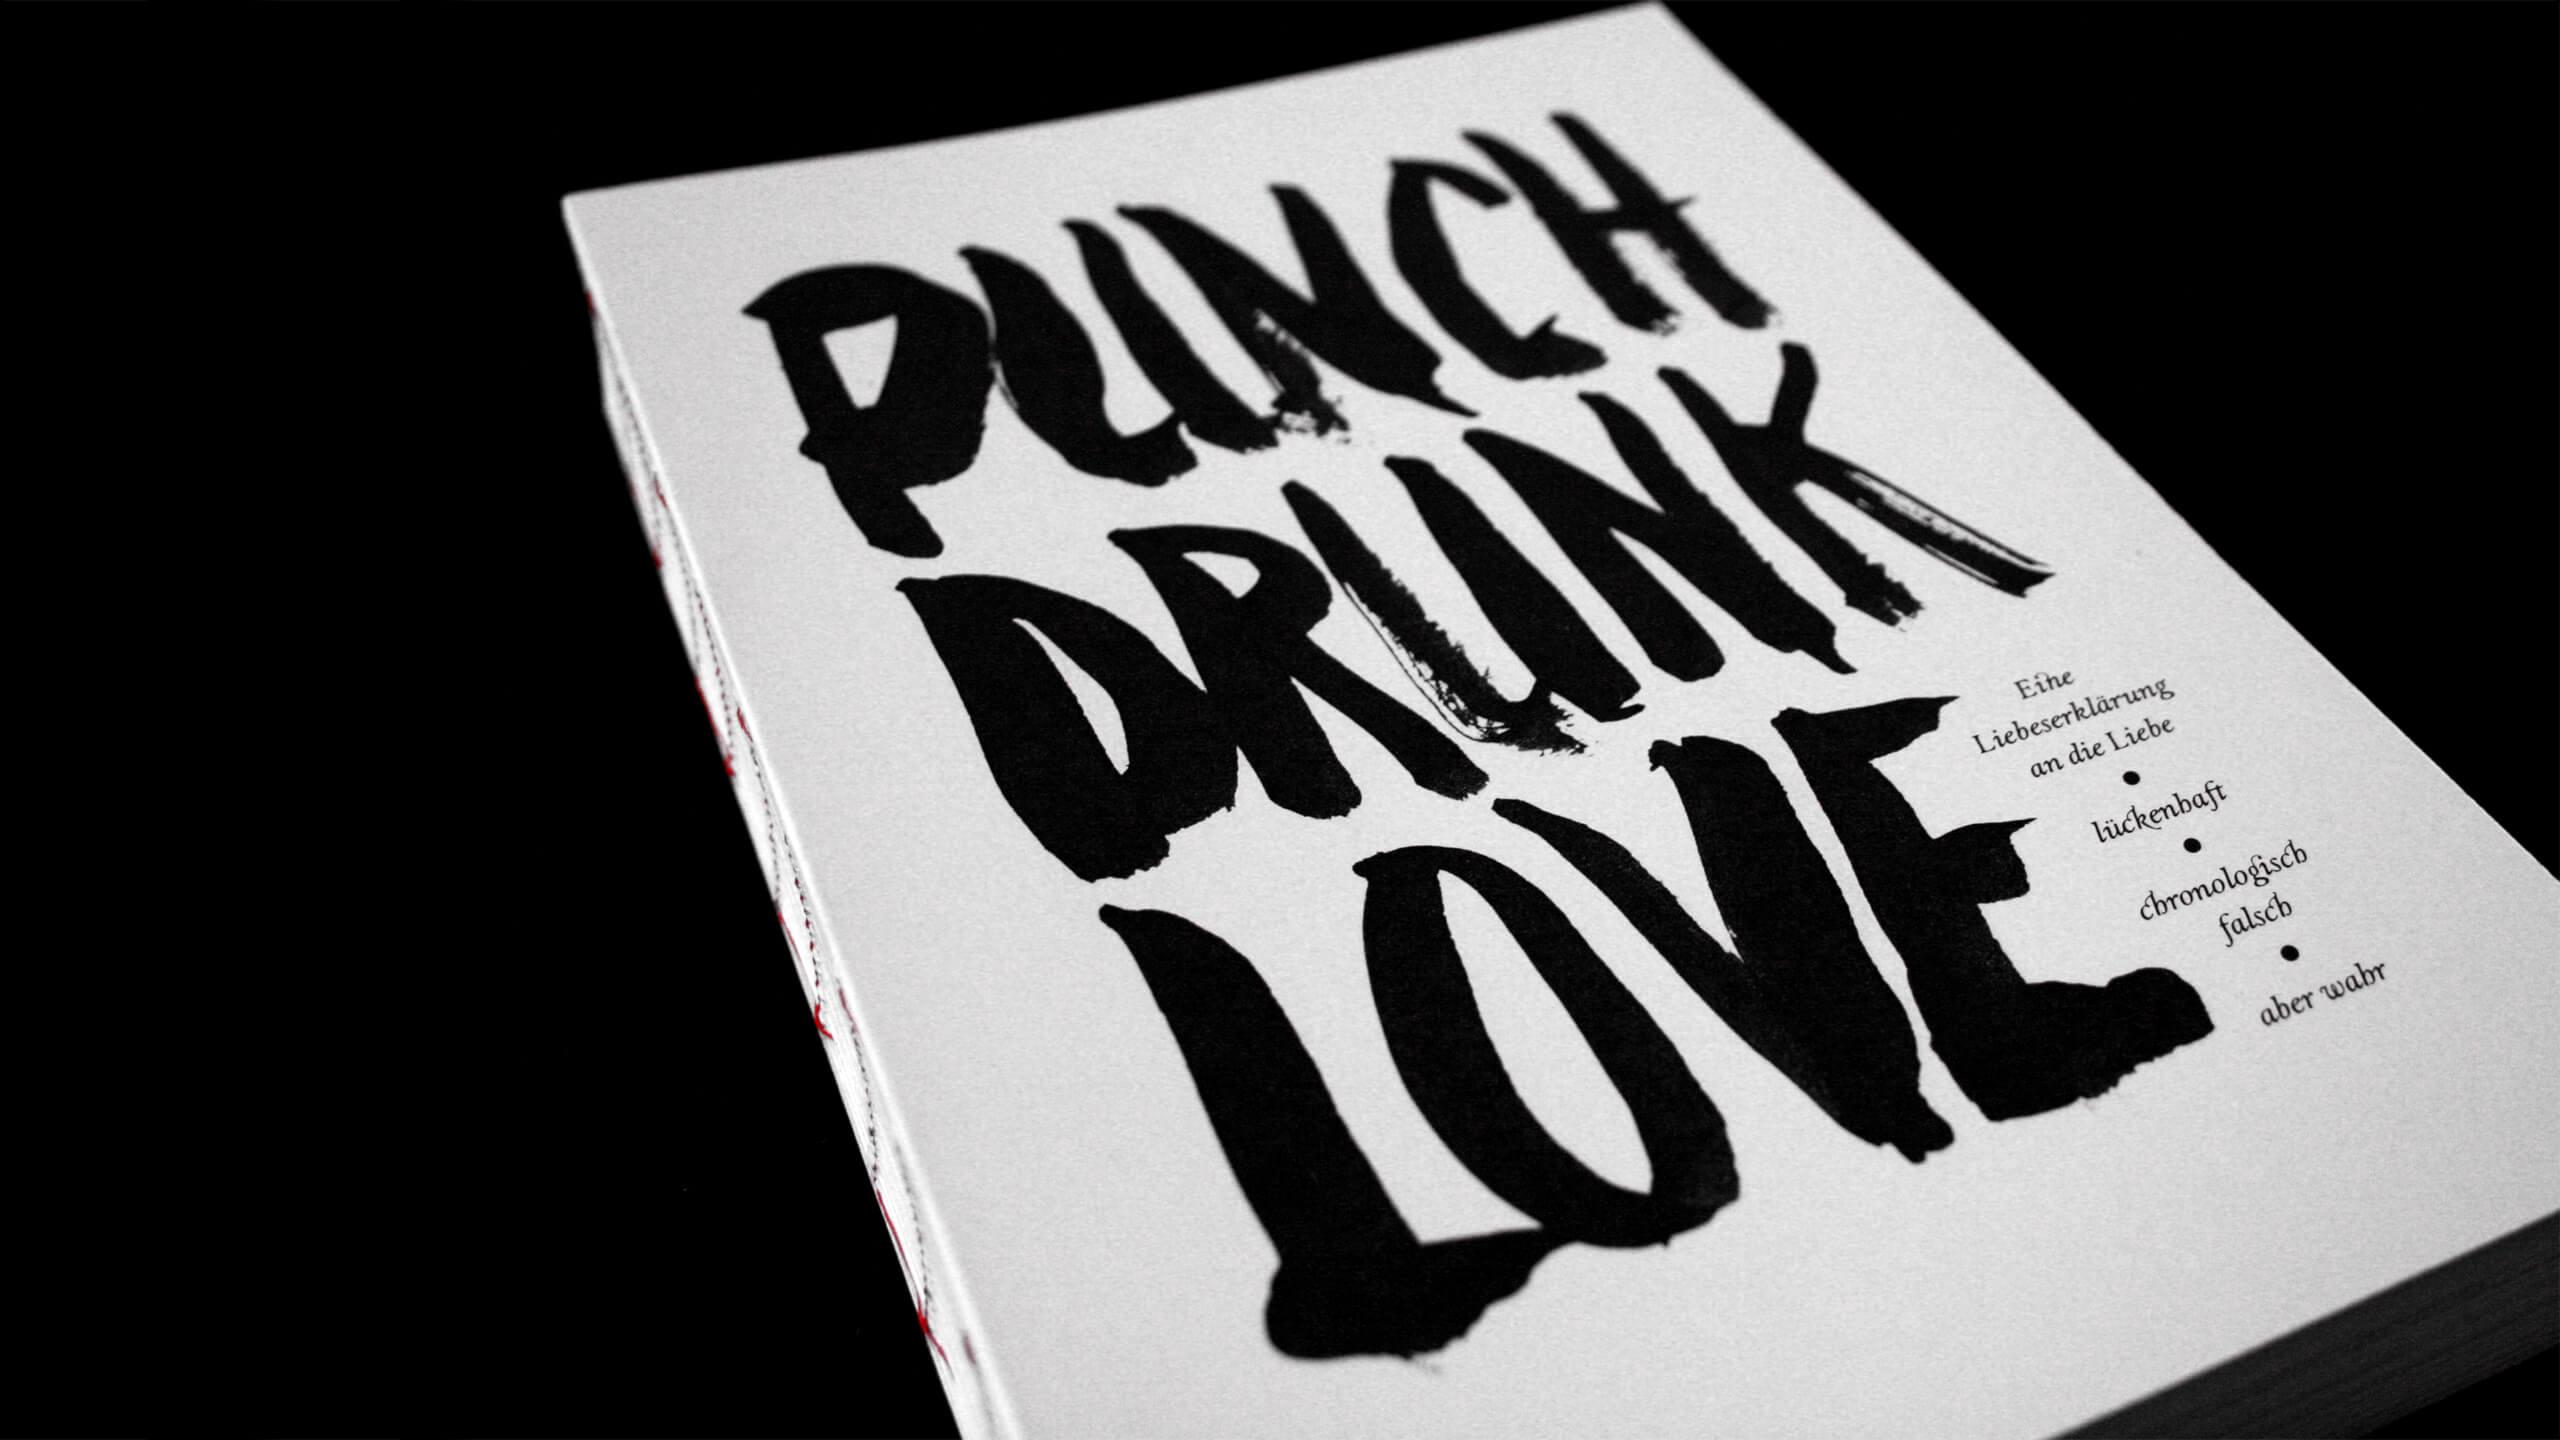 wirsindschoener_punch_drunk_love5_2560x1440